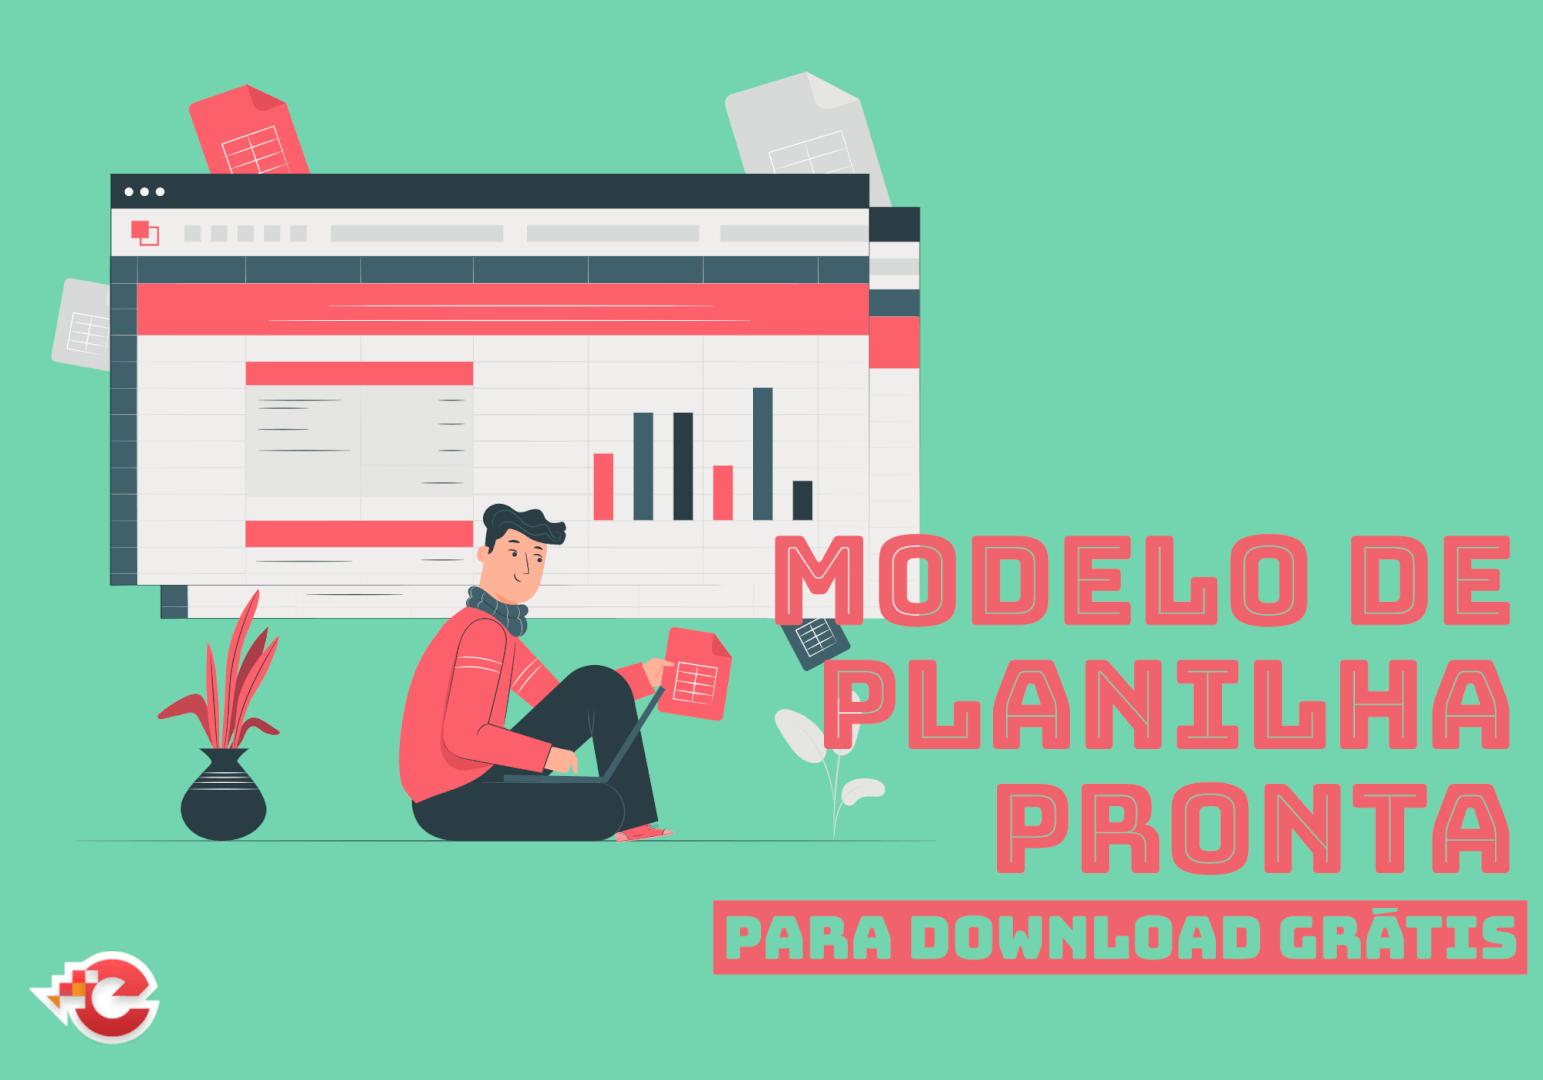 Modelo de planilha pronta - Download grátis